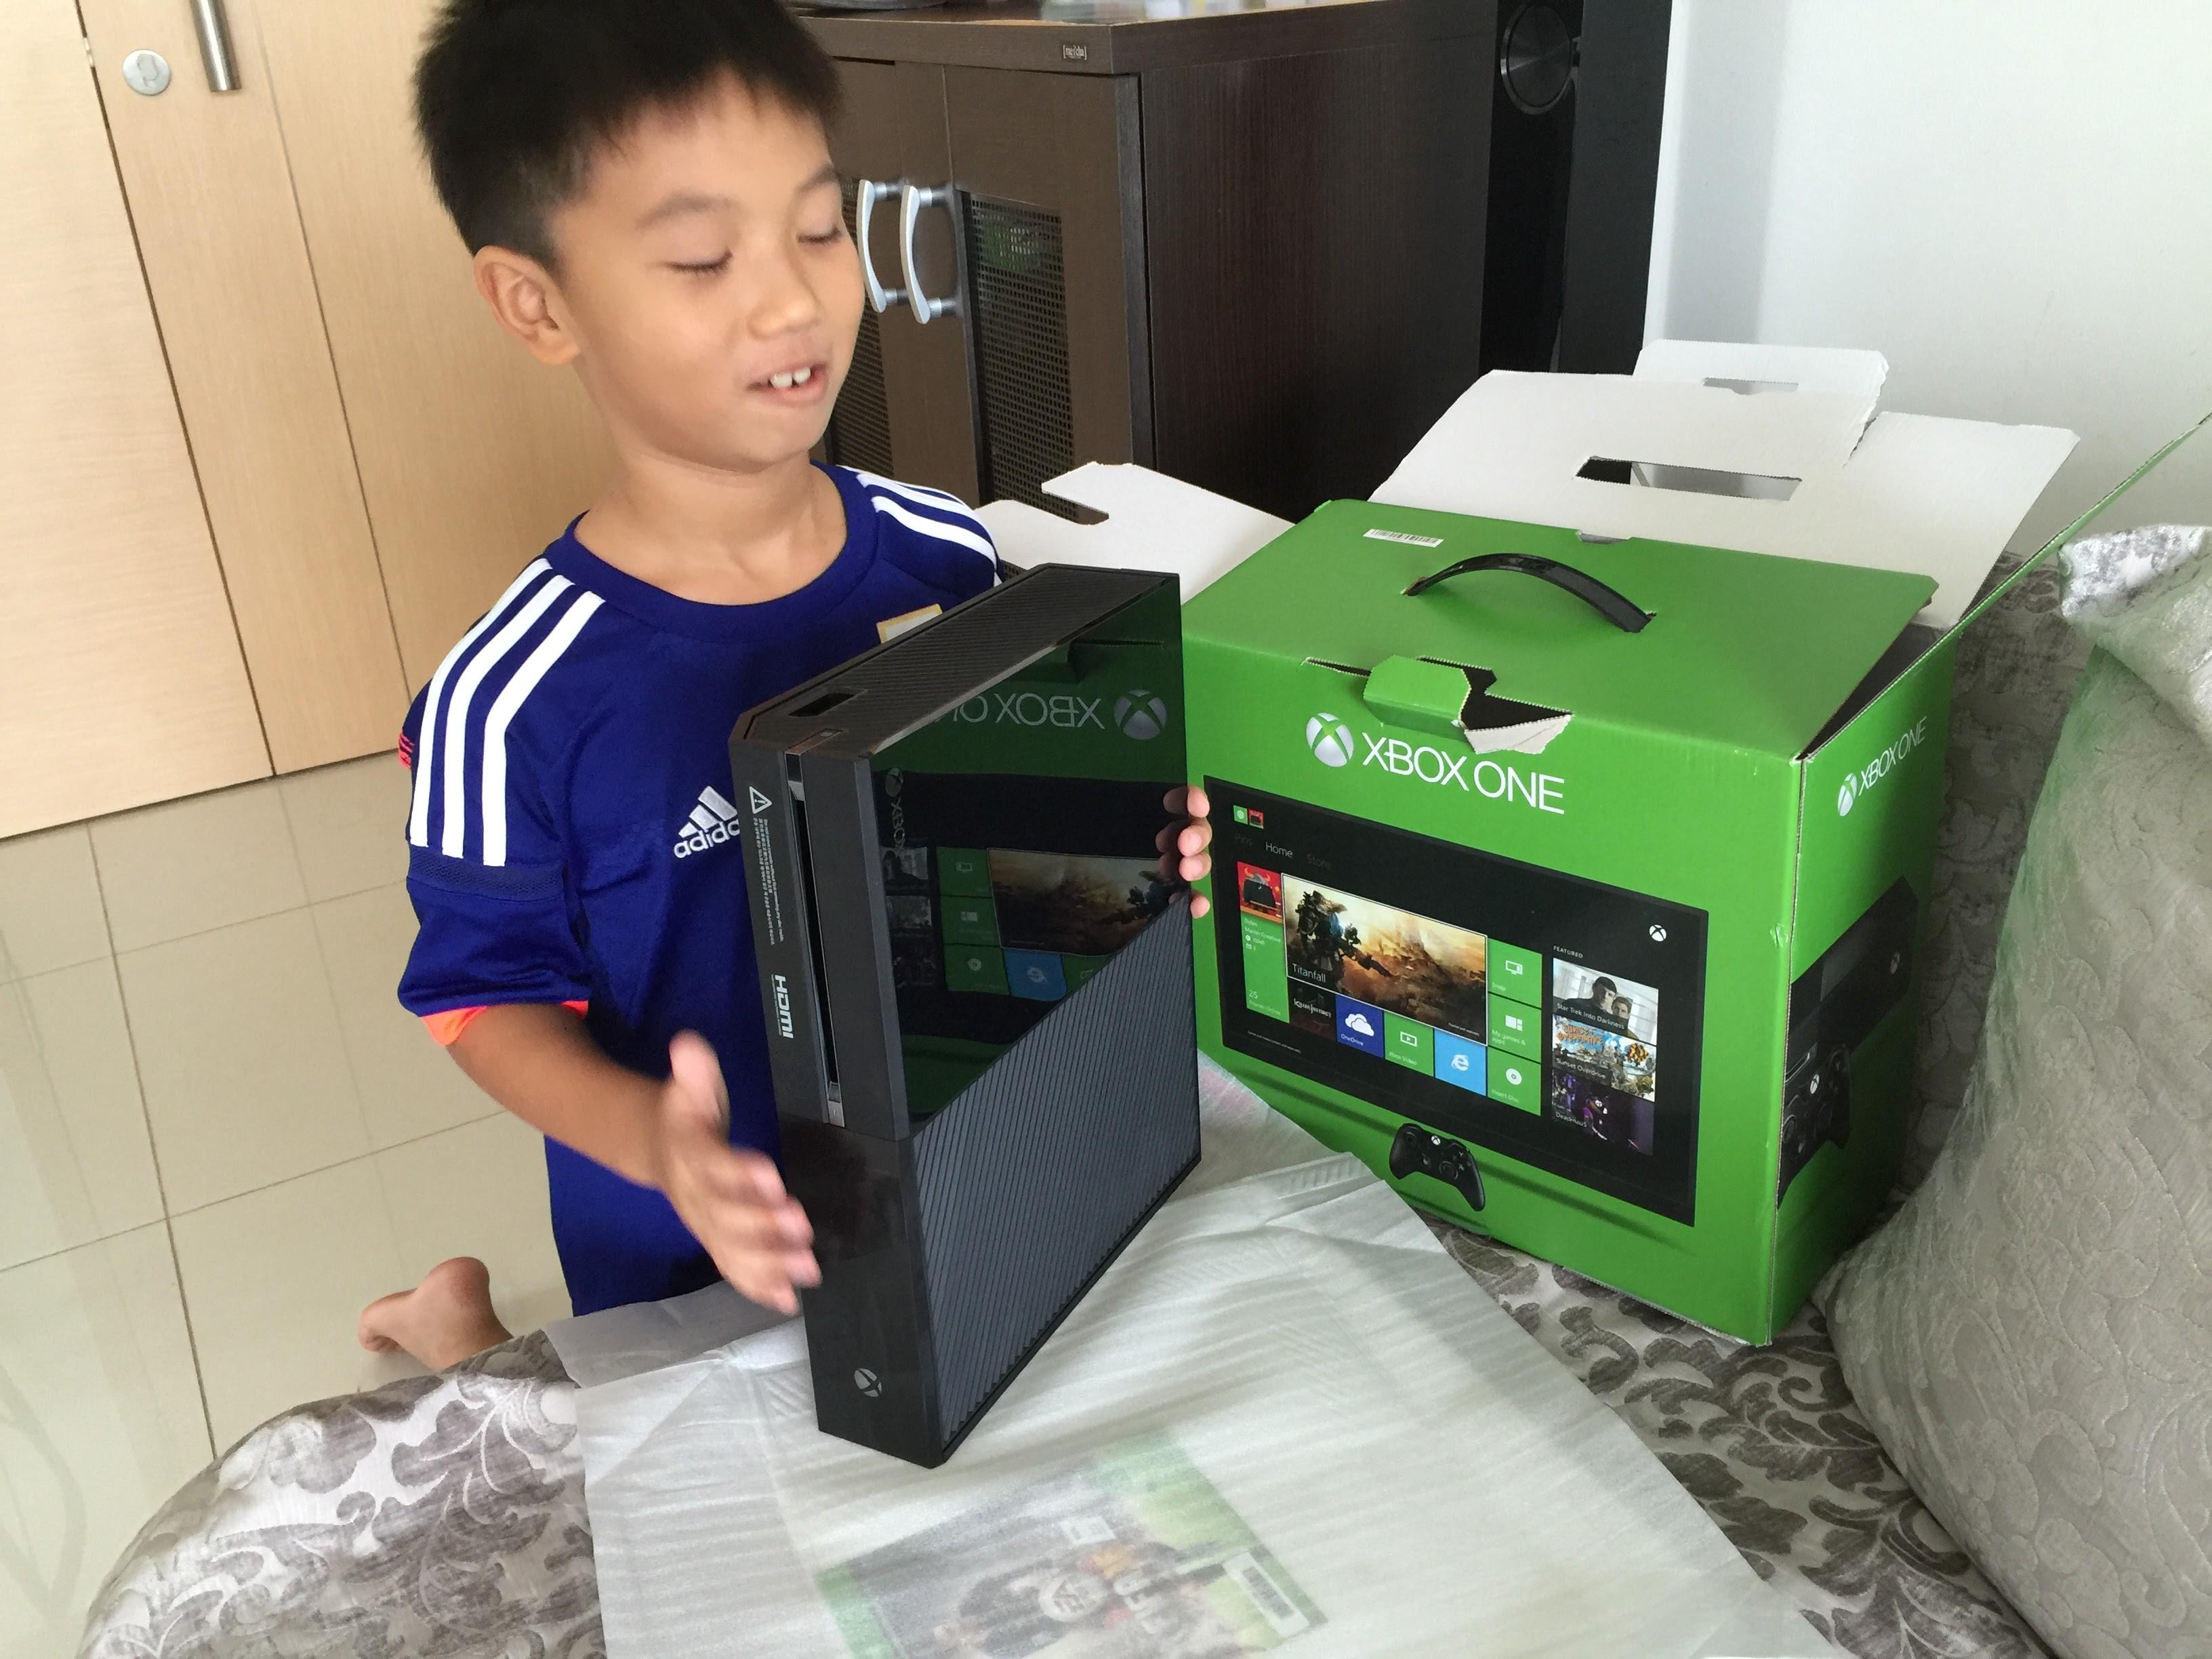 Edison和他的GEP奖励——Xbox ONE!